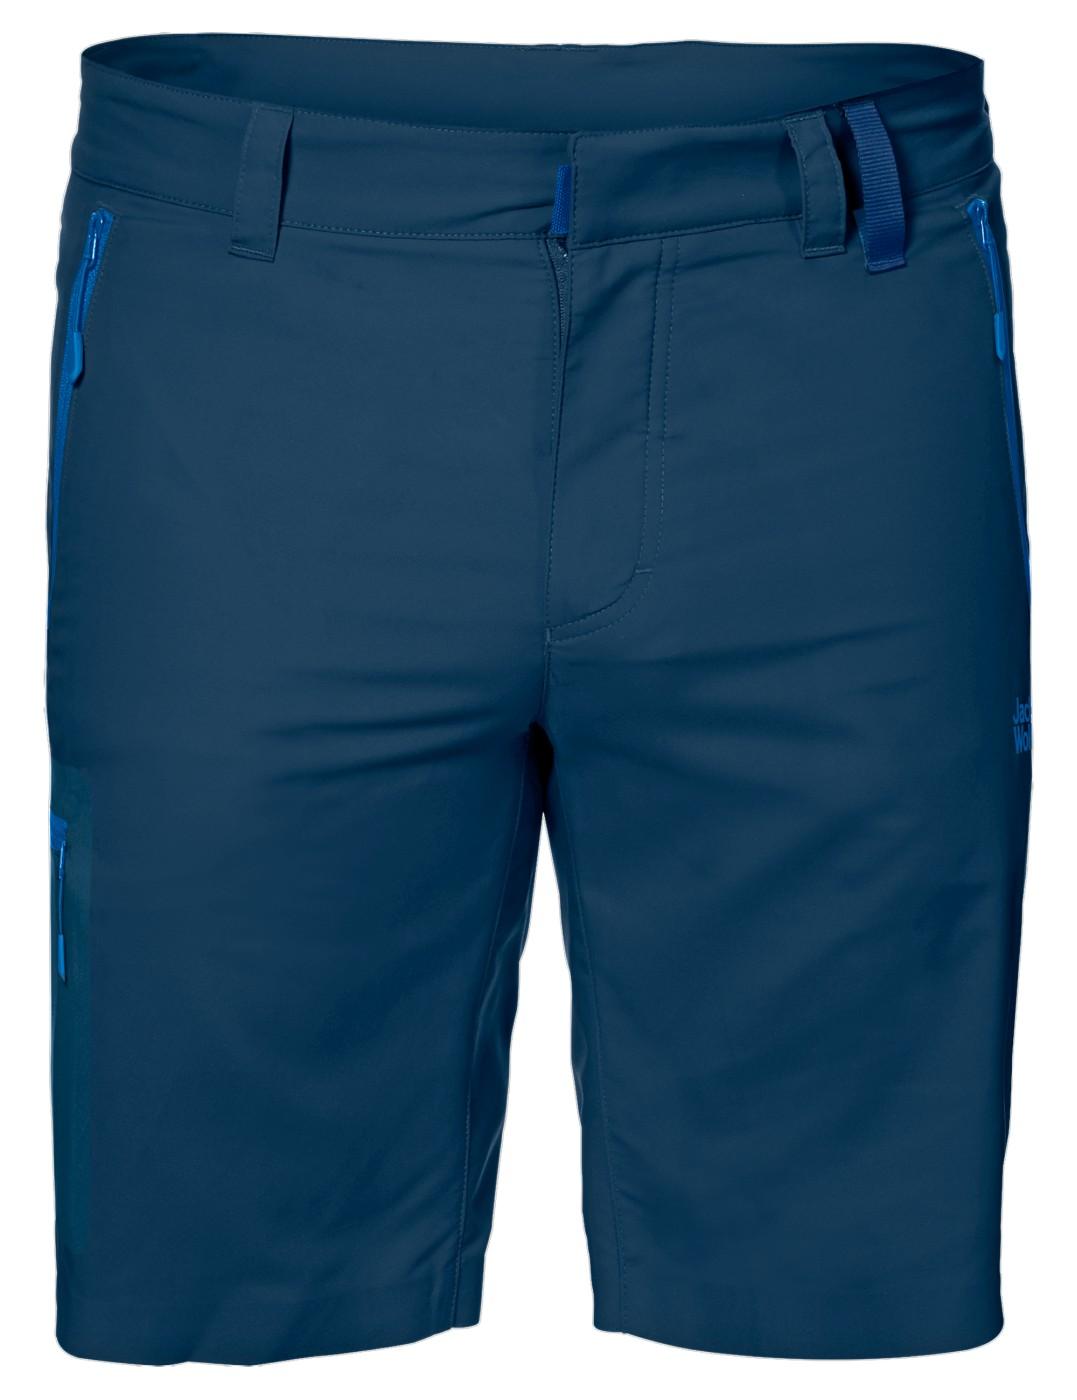 Jack Wolfskin Active Track Shorts Men poseidon blue au